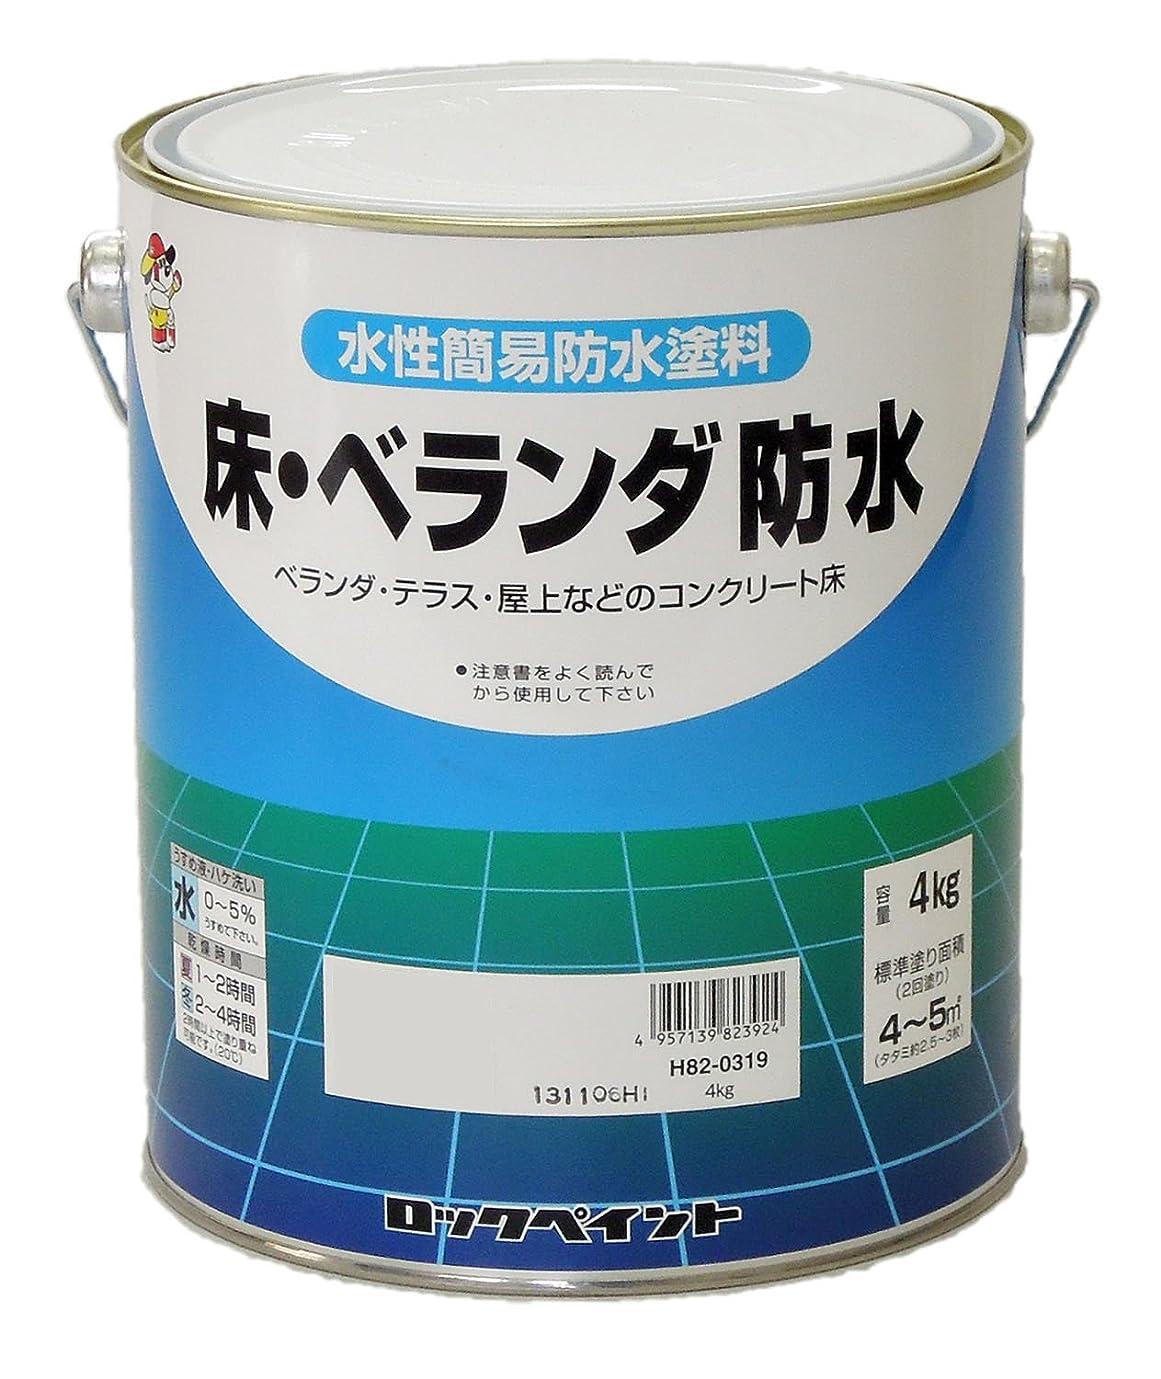 ドライ宇宙船アプローチロックペイント 水性床用ツヤ消し塗料 床?ベランダ防水(ツヤなし) 4Kg H82-0314-02 ブラウン